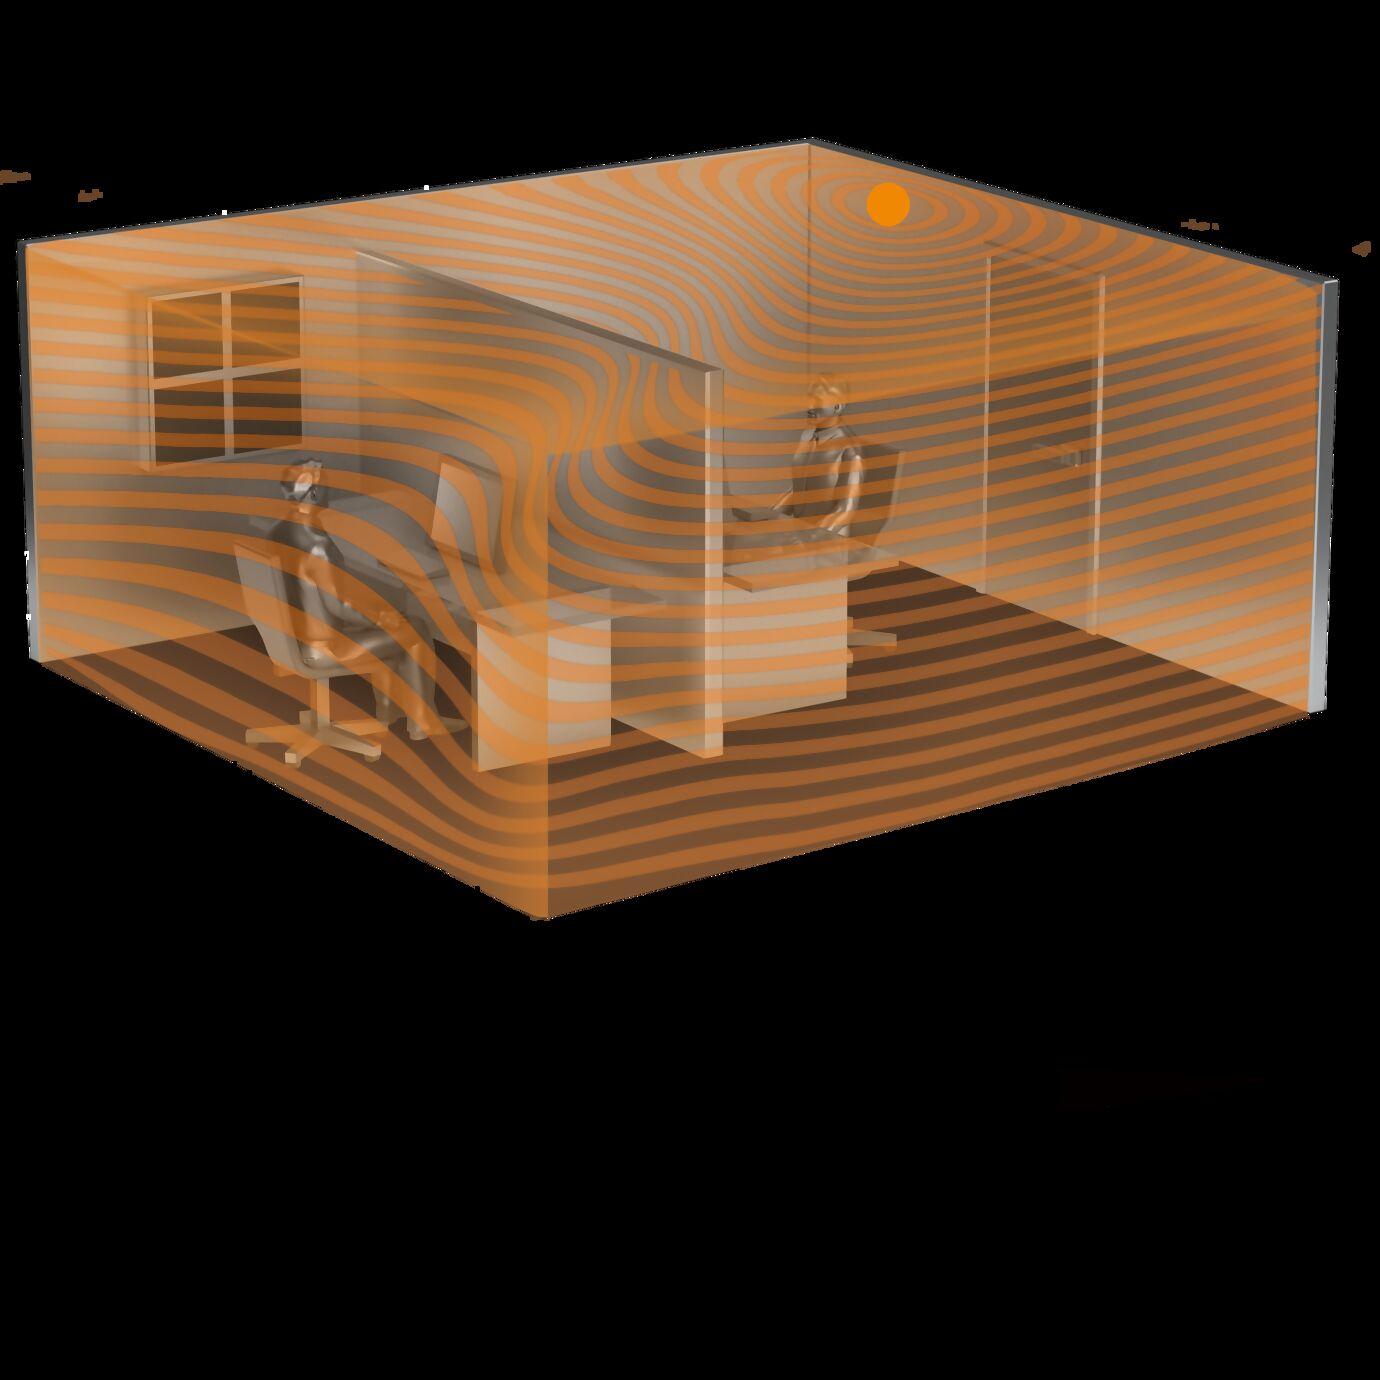 Sensor-Erfassungsbereich im virtuellen Büro mit dünnen Trennwänden